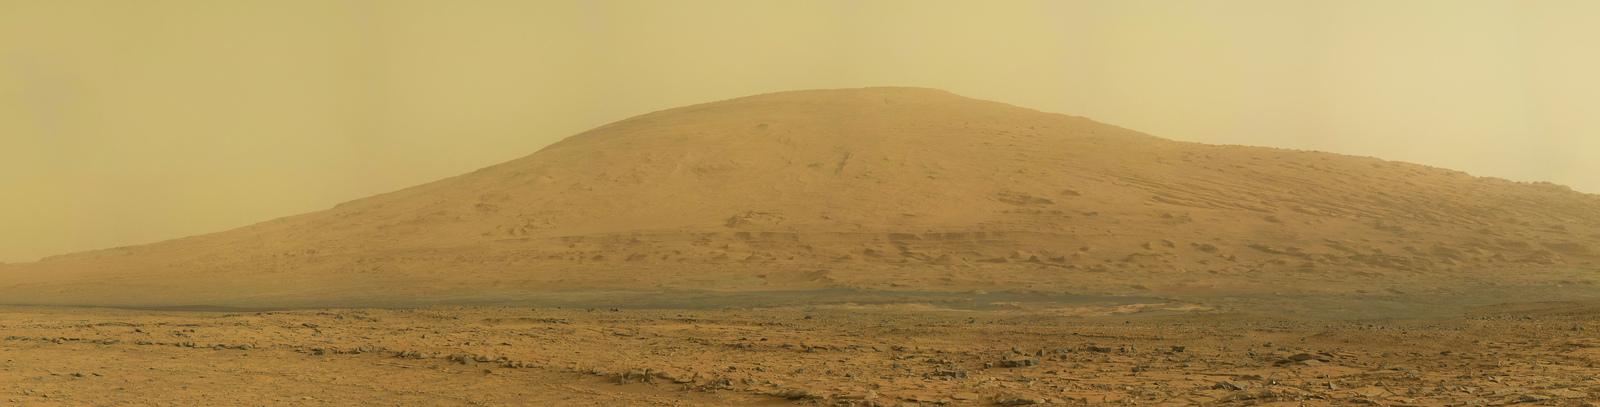 Панорама горы Шарп, полученная Curiosity на 170 сол (марсианский день)